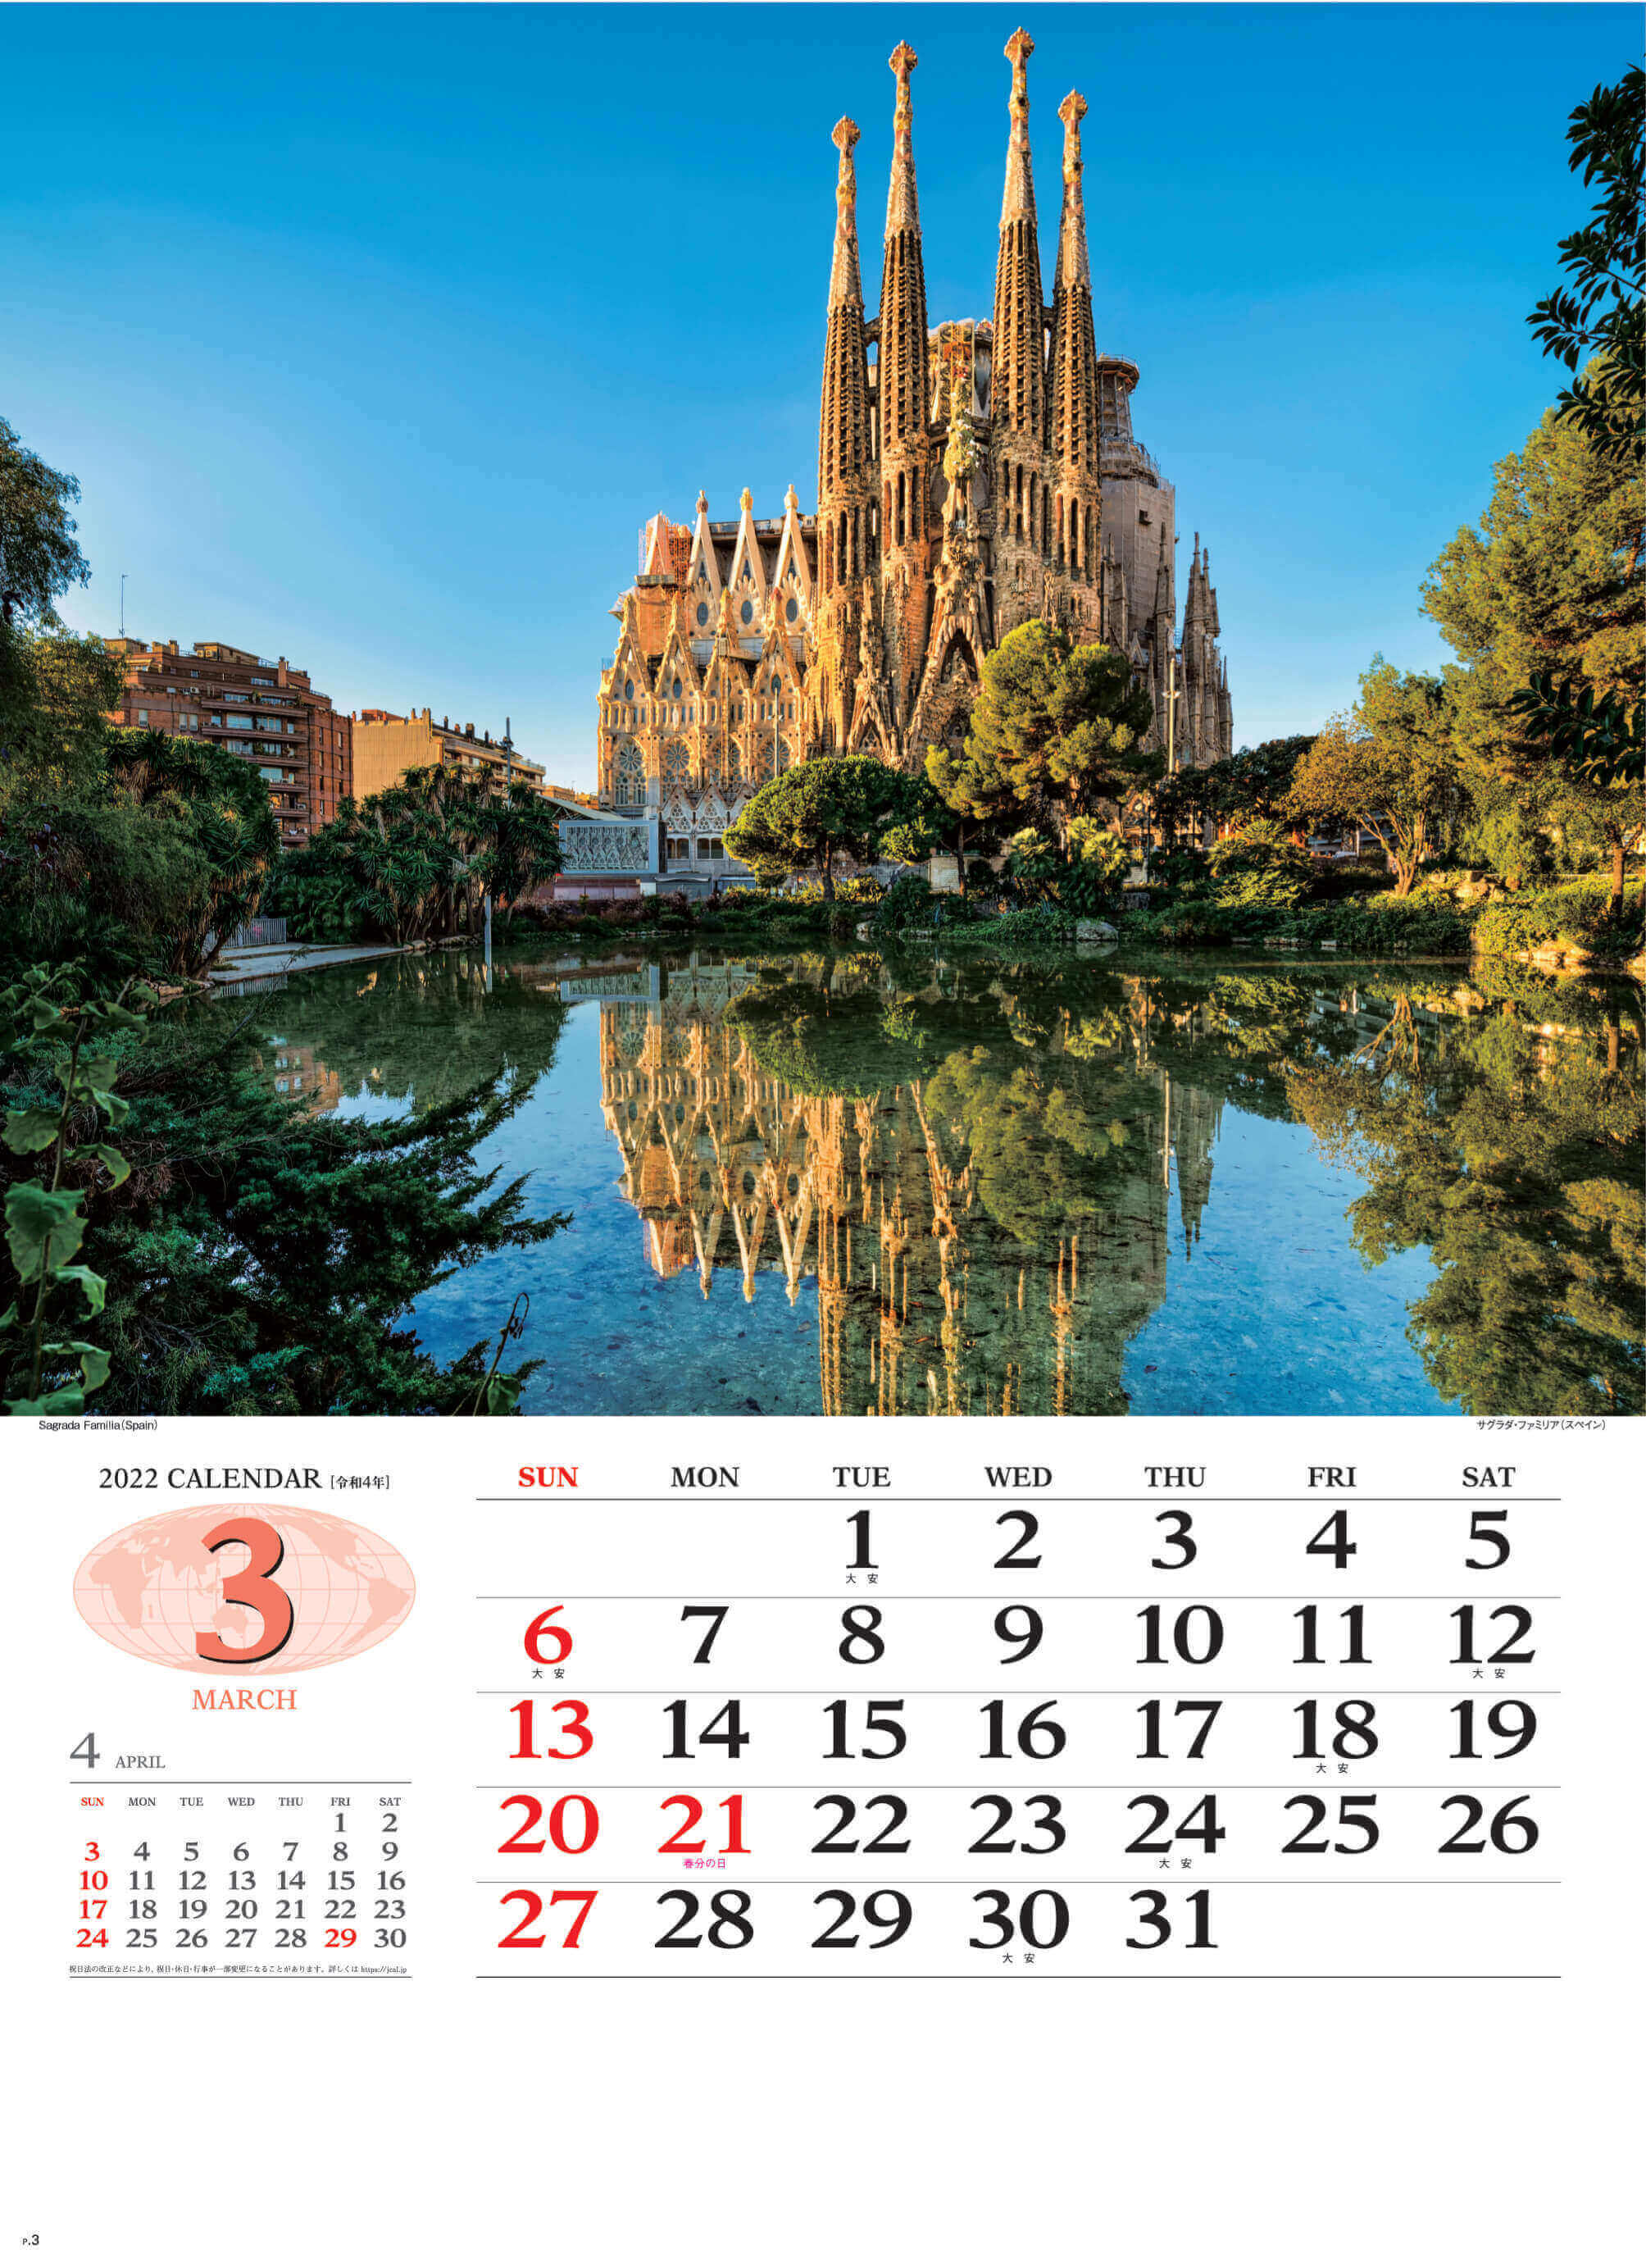 3月 サグラダファミリア スペイン 世界の景観 2022年カレンダーの画像